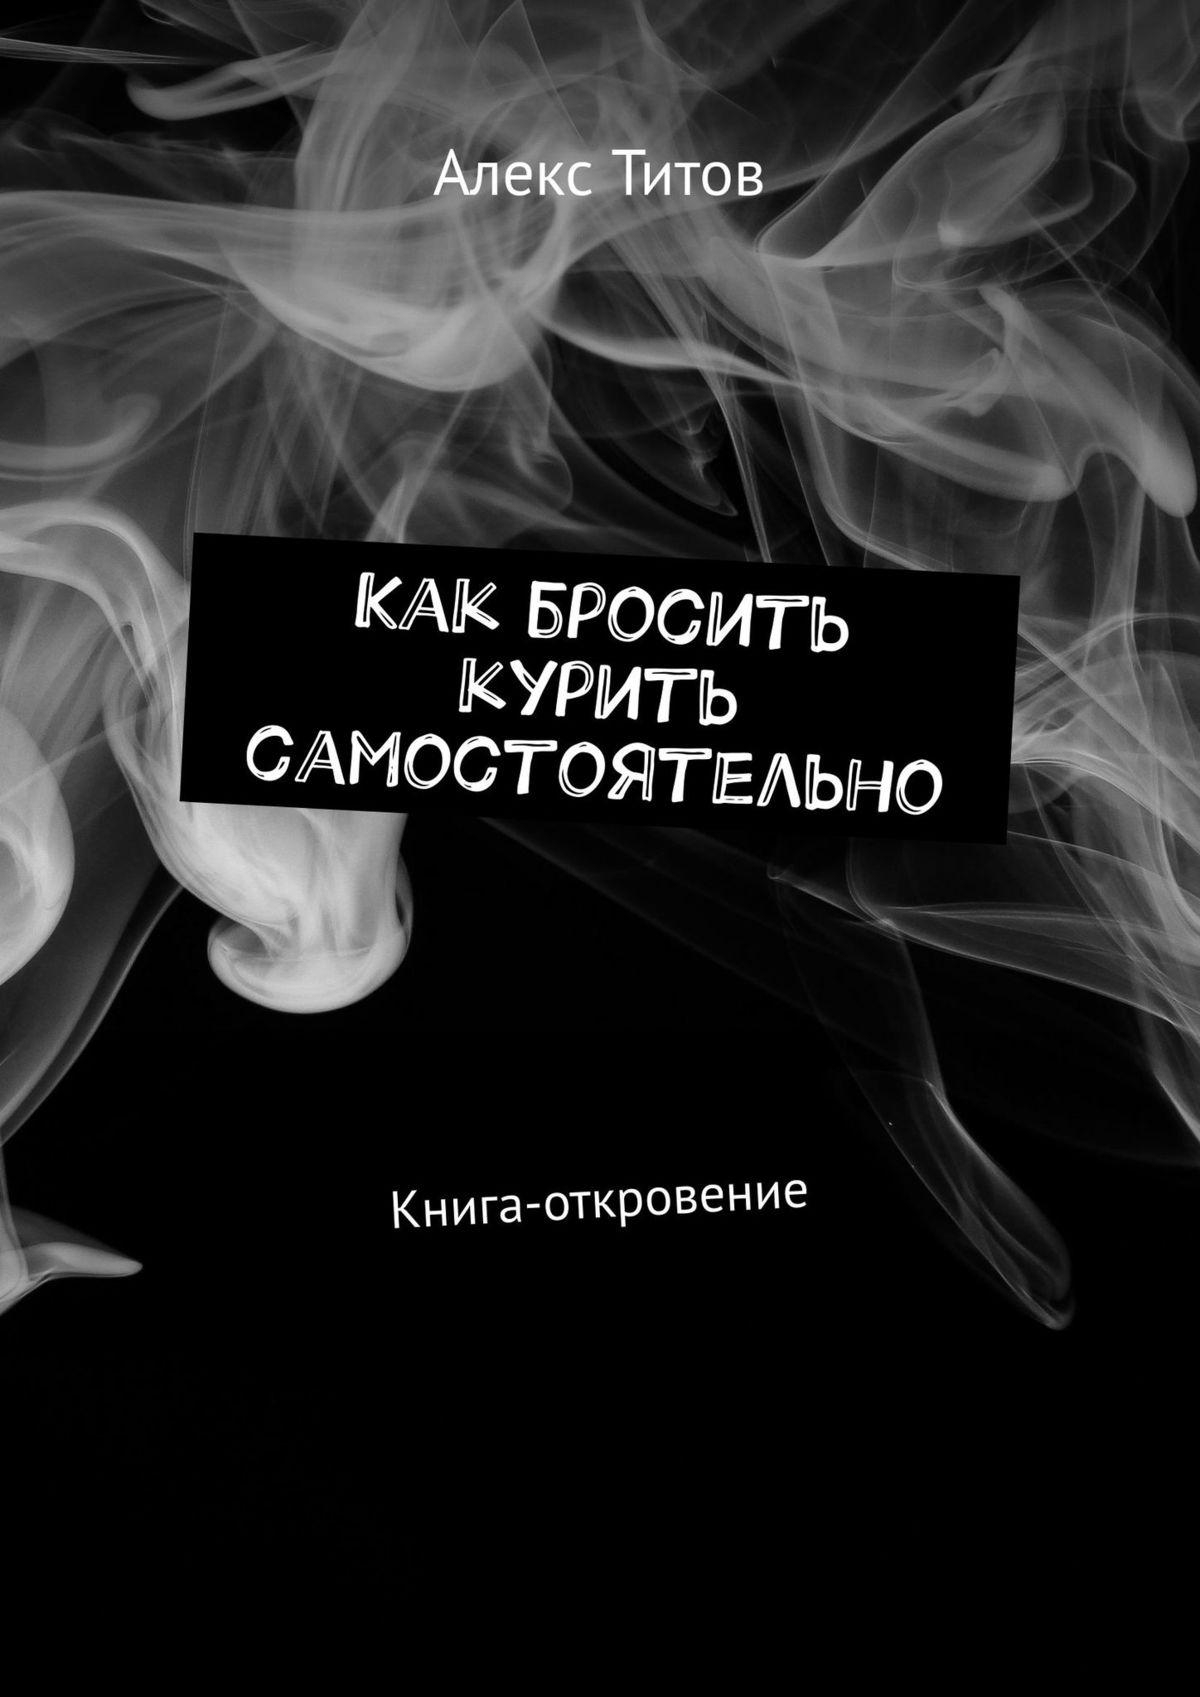 Алекс Титов Как бросить курить самостоятельно. Книга-откровение александр александрович наконечный как бросить курить